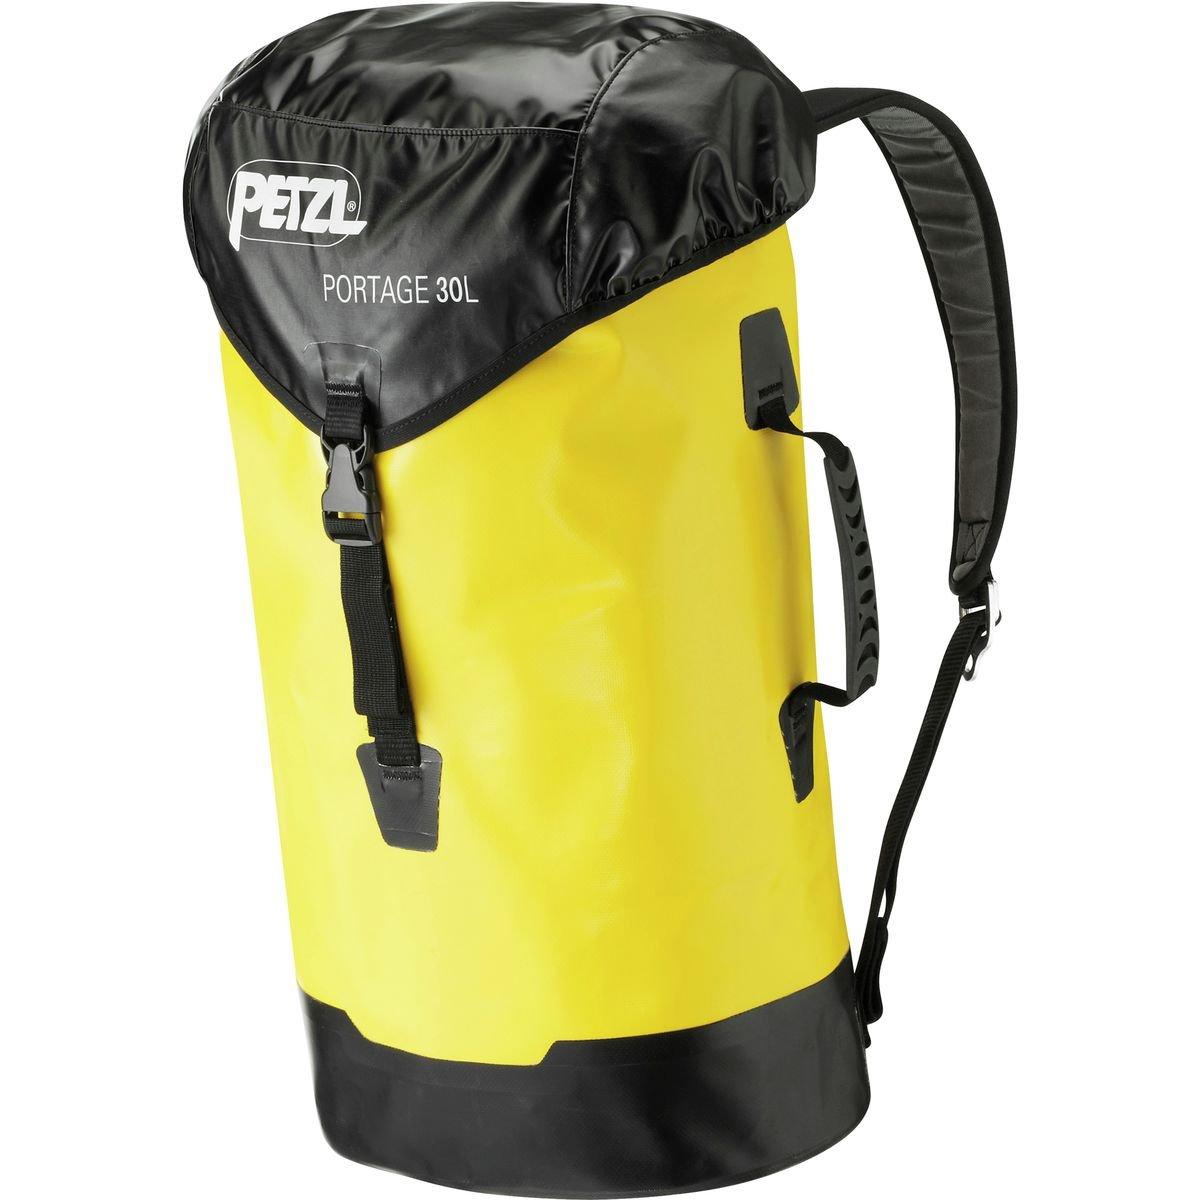 Petzl S43Y 030 PORTAGE Durable Bag, 30 L, Yellow/Black Petzl Company